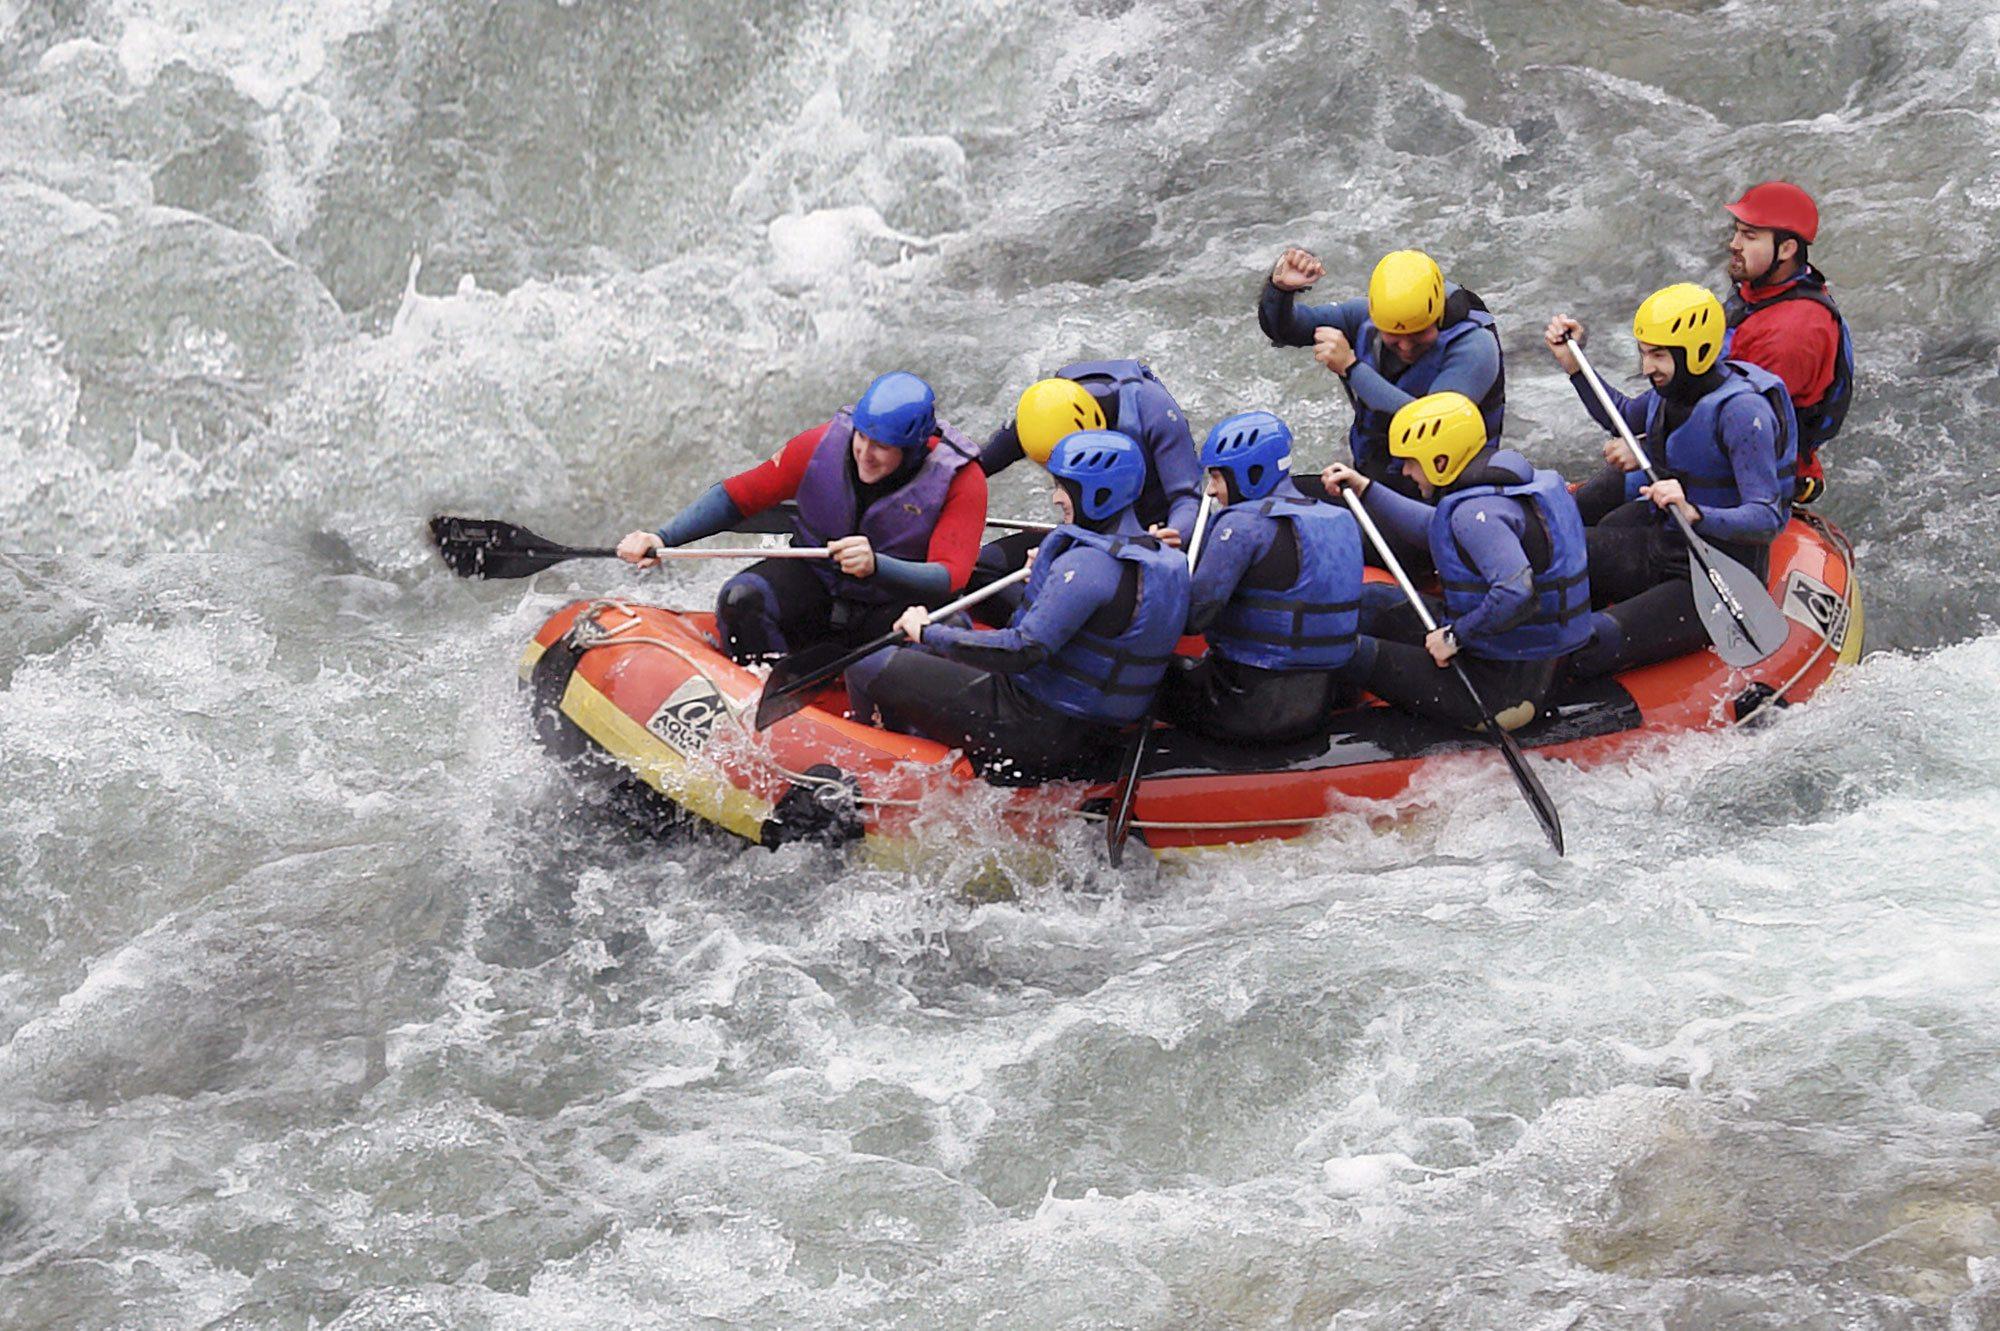 actividades-rafting-sella-asturias-3